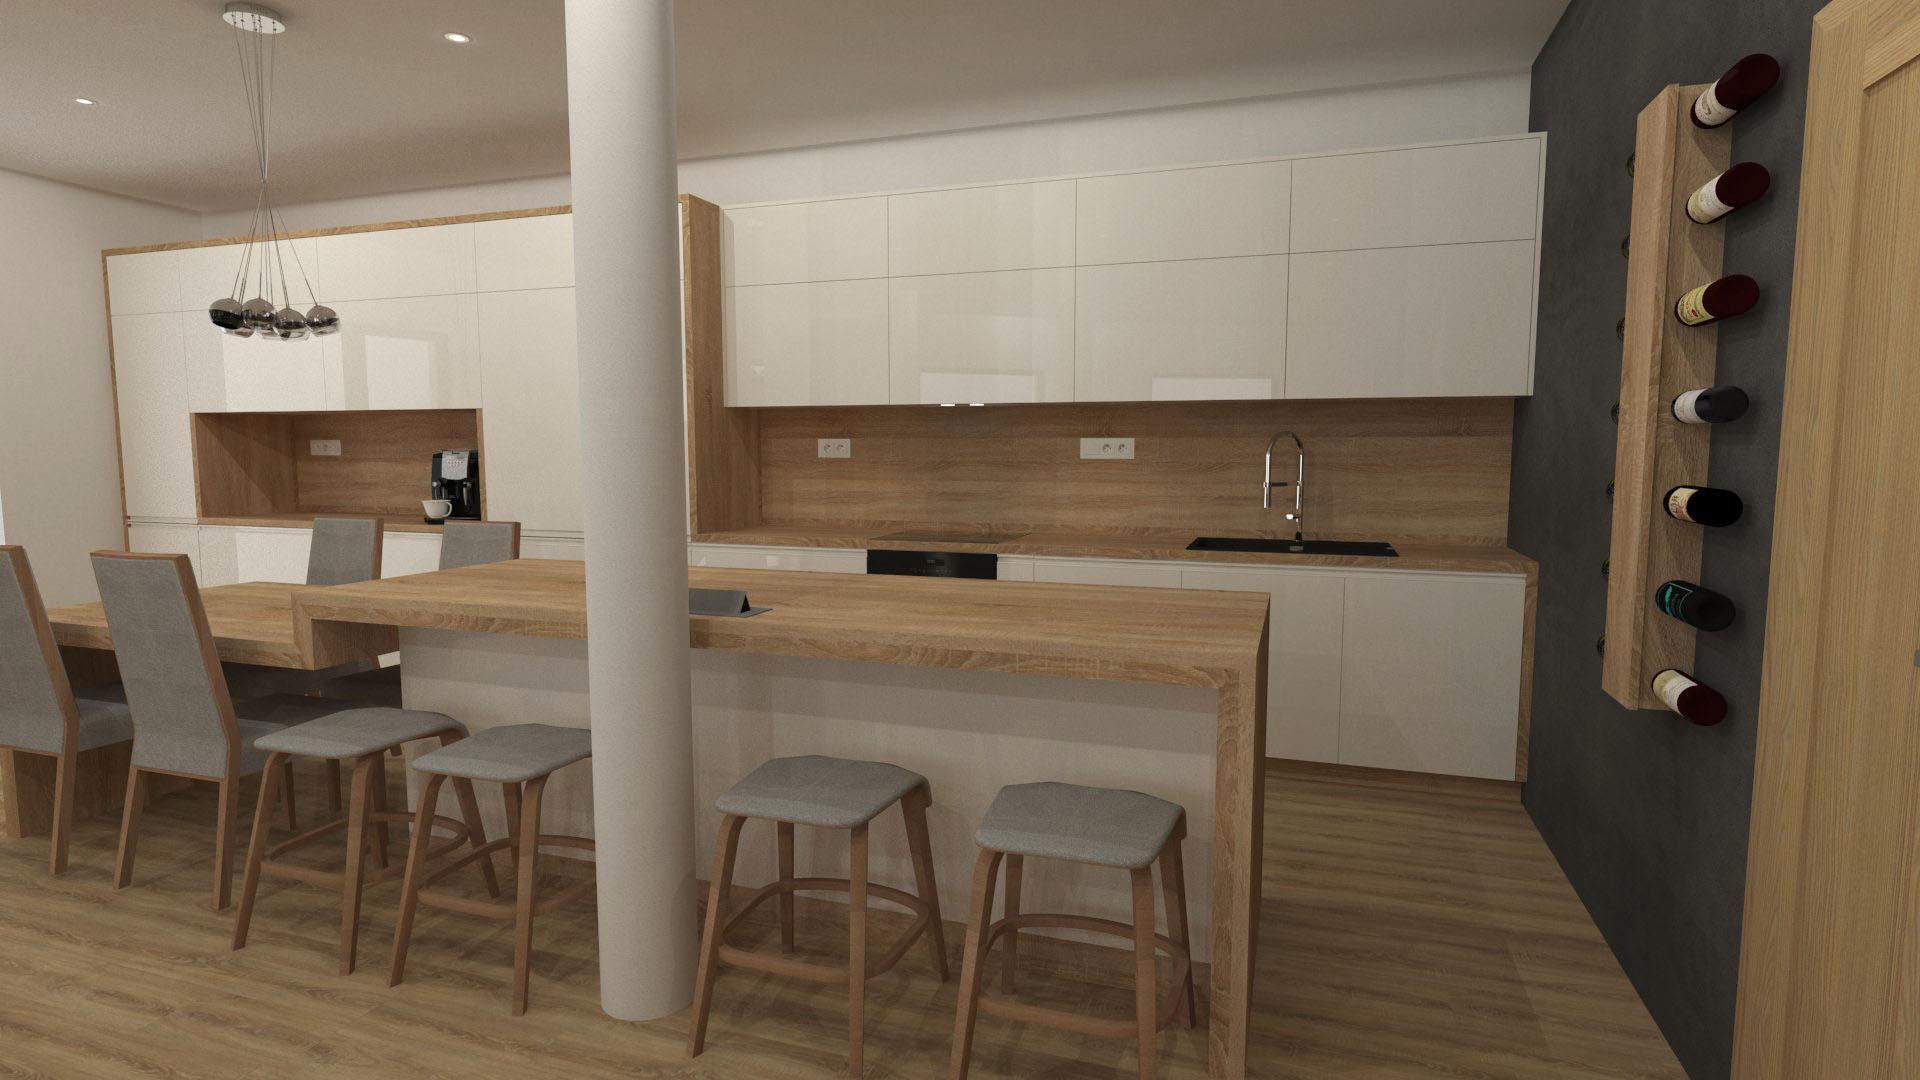 Kuchyně - Bílá ve vysokém lesku v kombinaci s dube Bardolino.